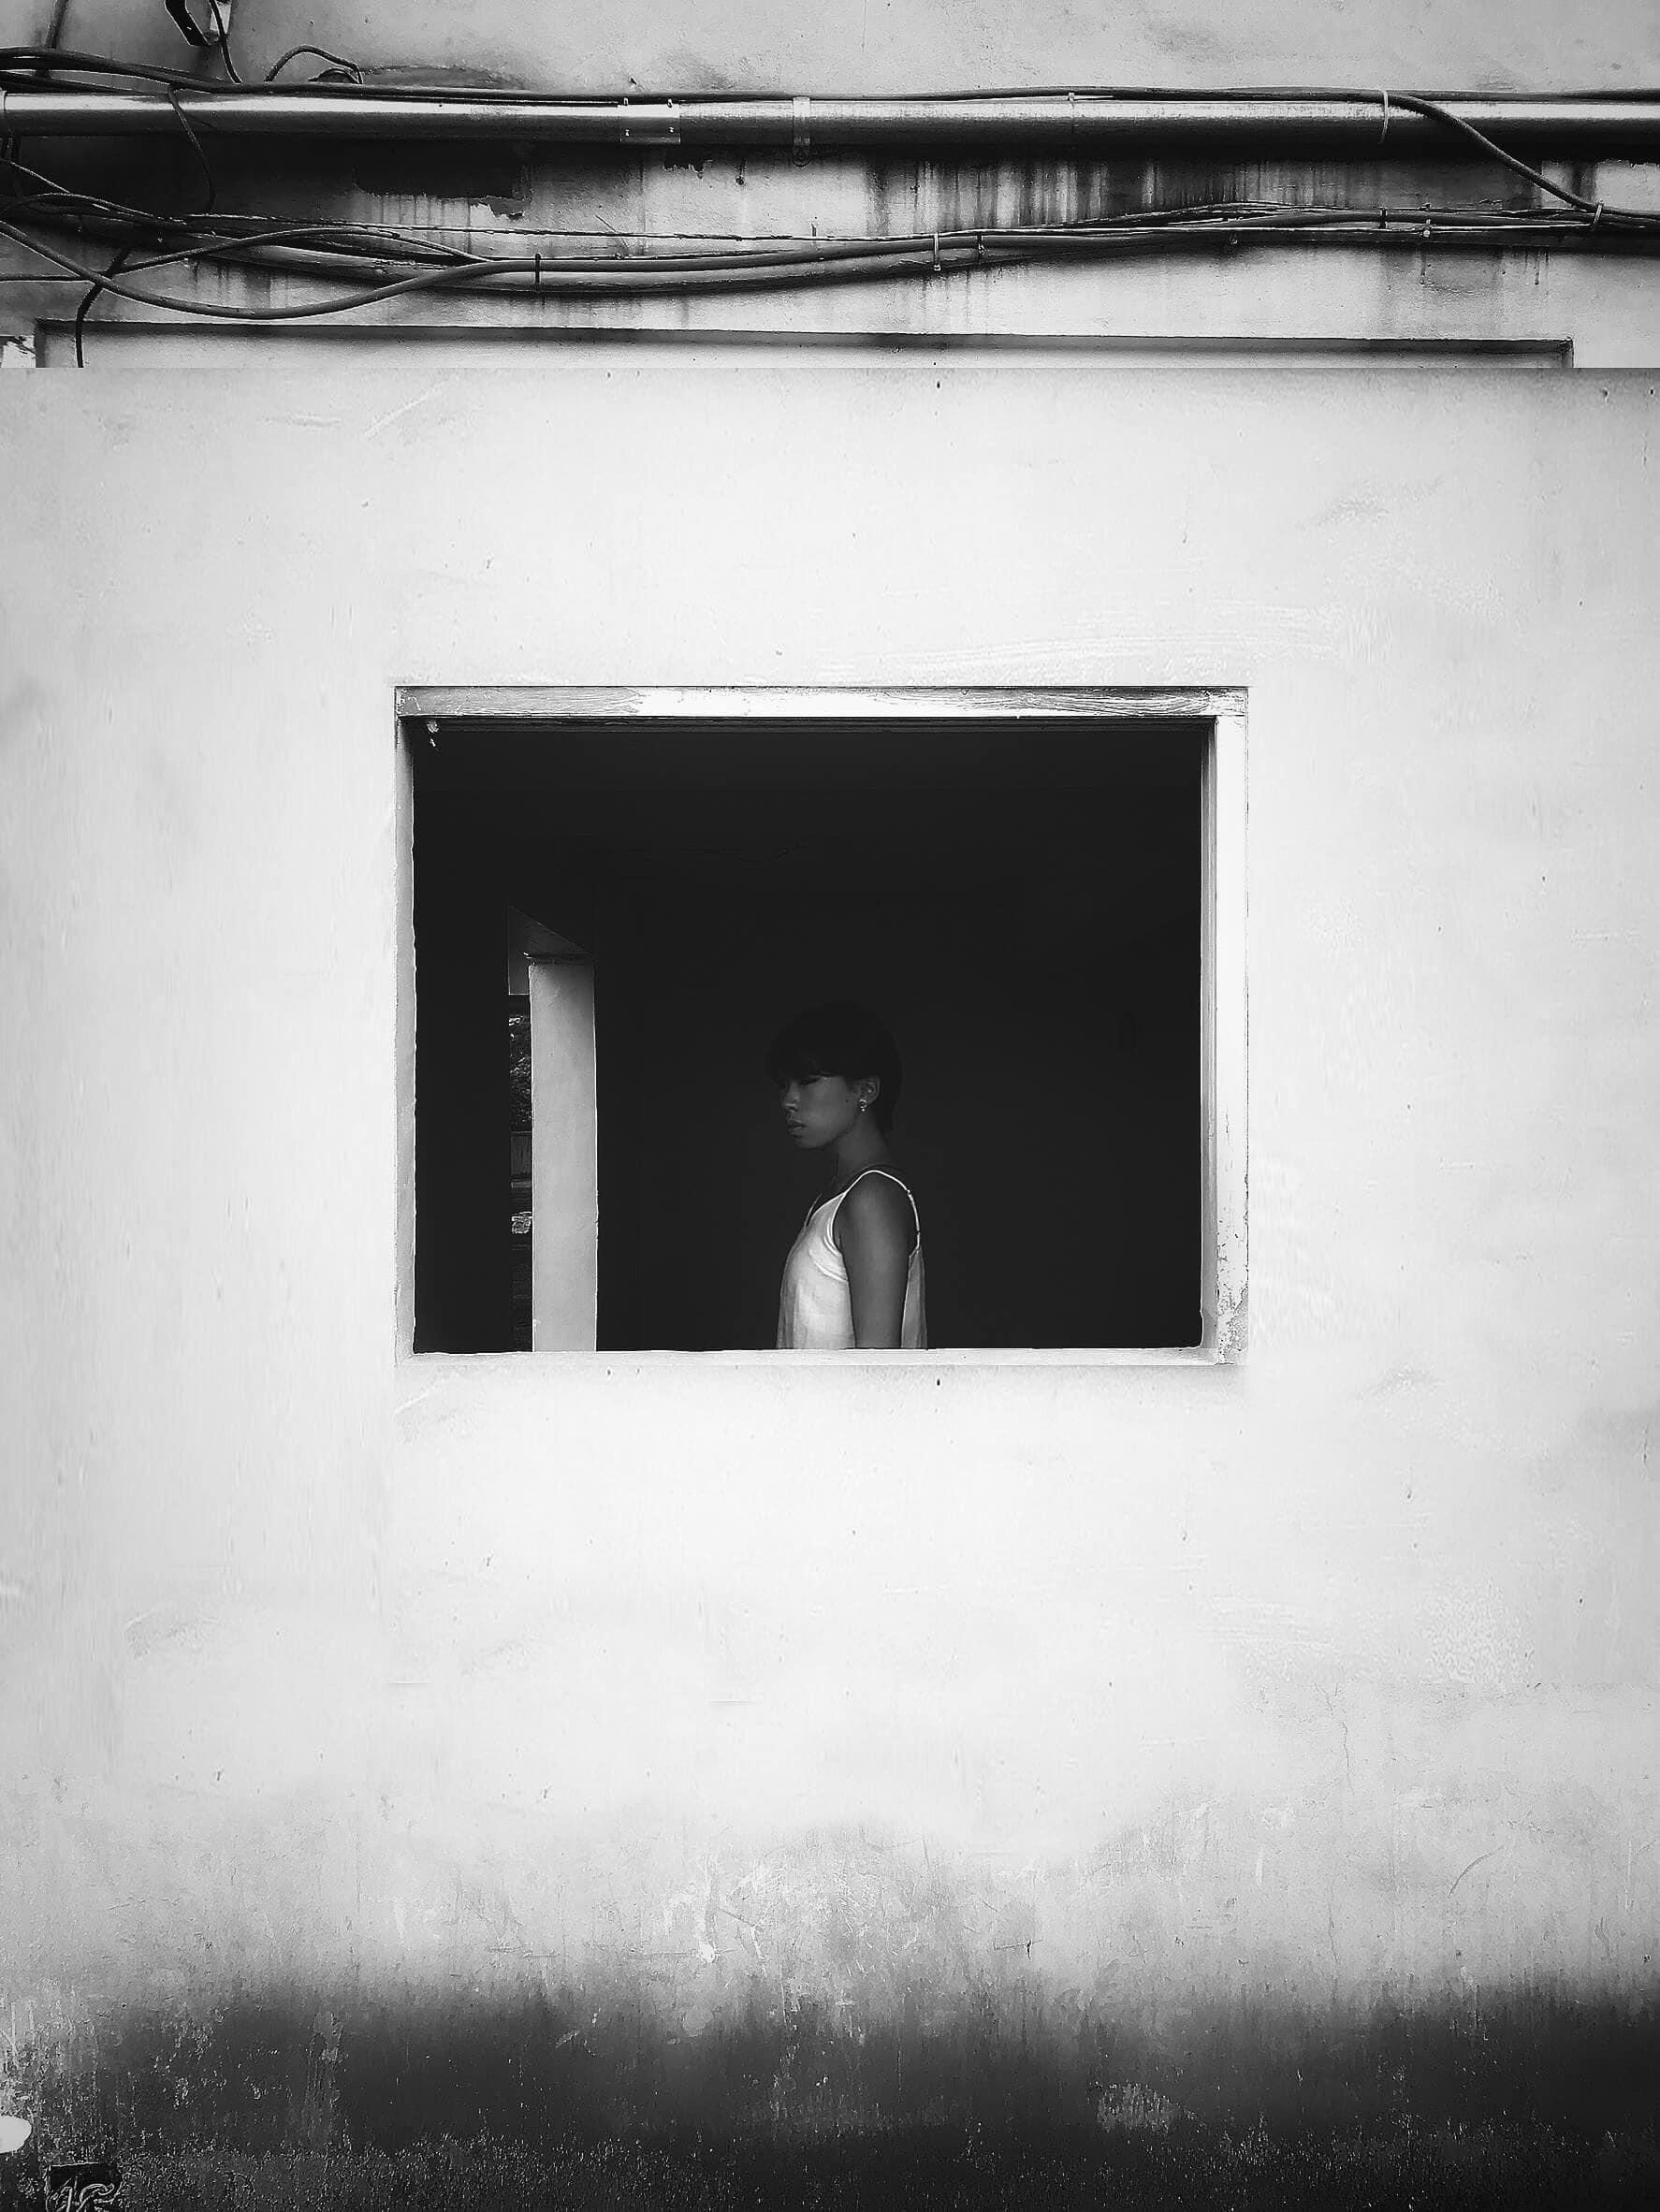 lili_bnw